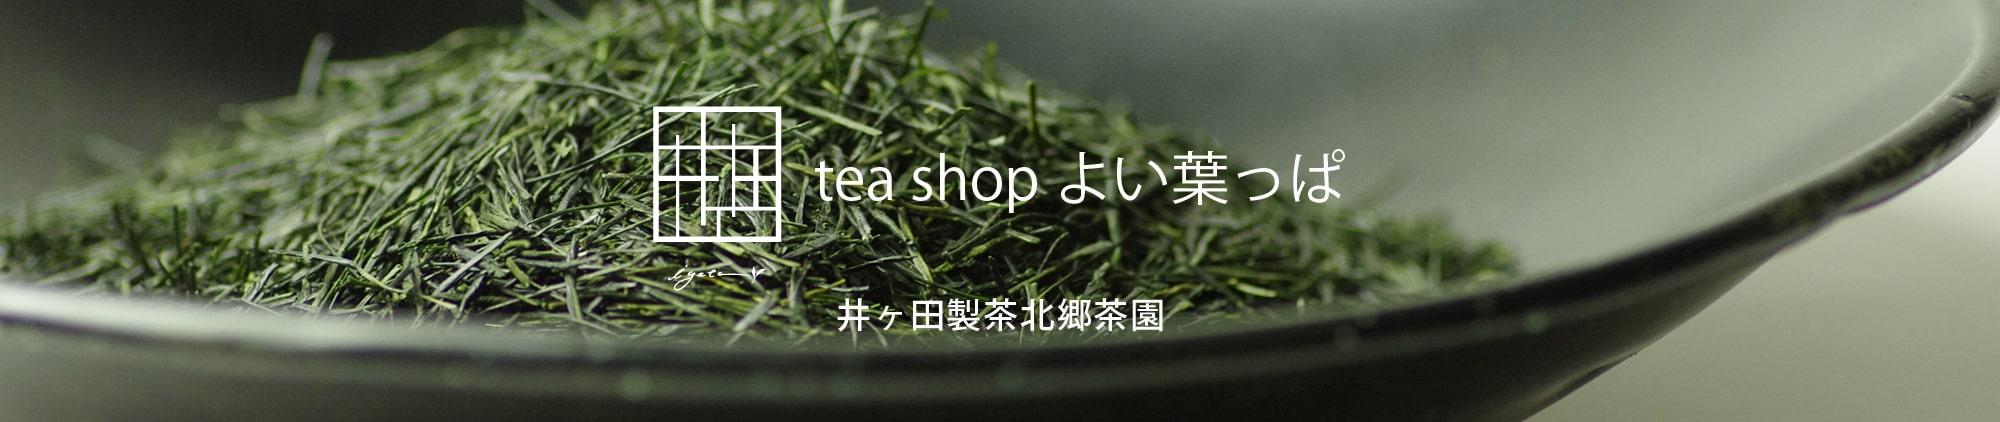 緑茶 ほうじ茶 釜炒り茶の通販|日本茶専門店 井ヶ田製茶北郷茶園